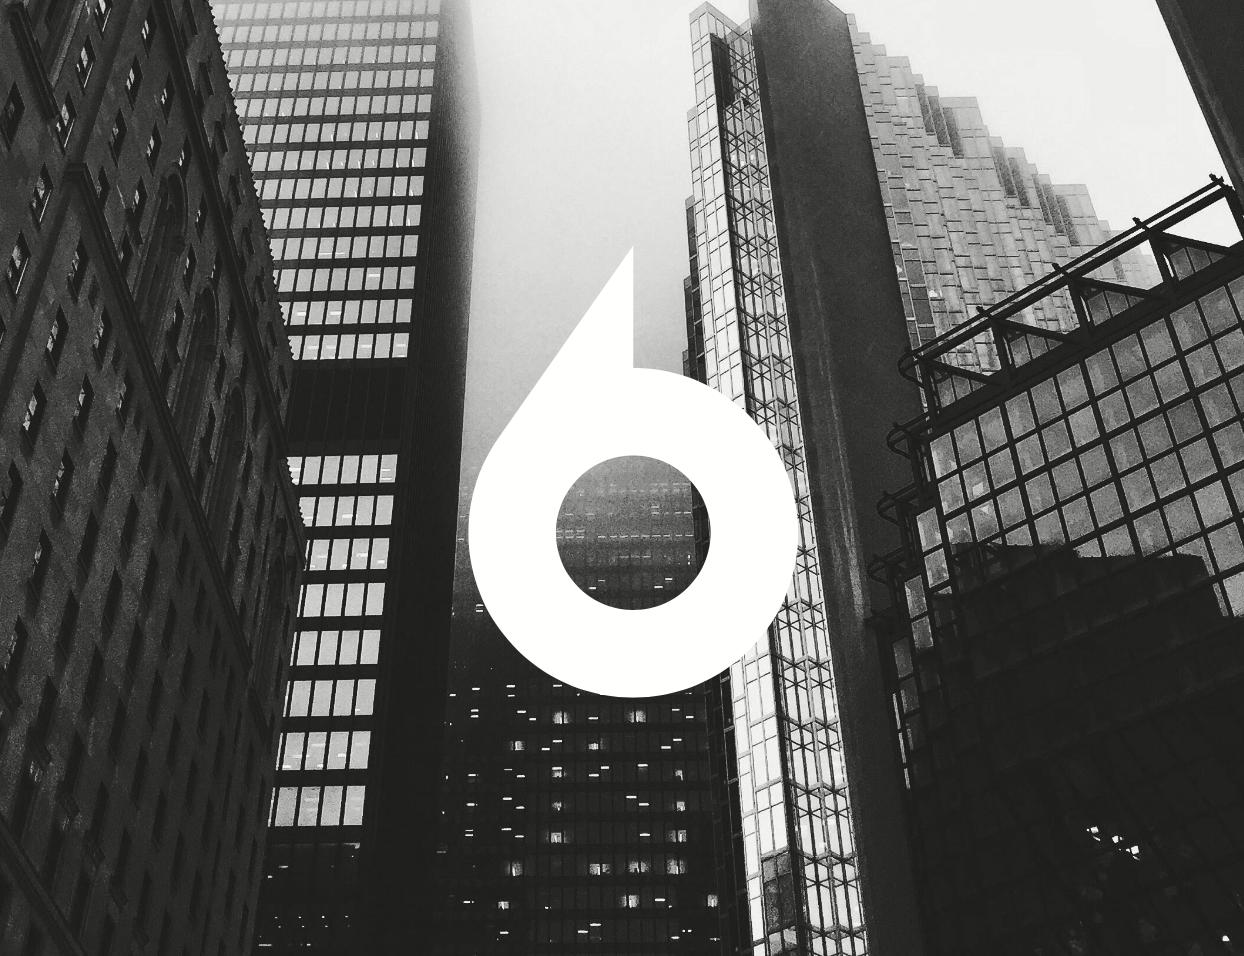 Toronto walking tours 2017